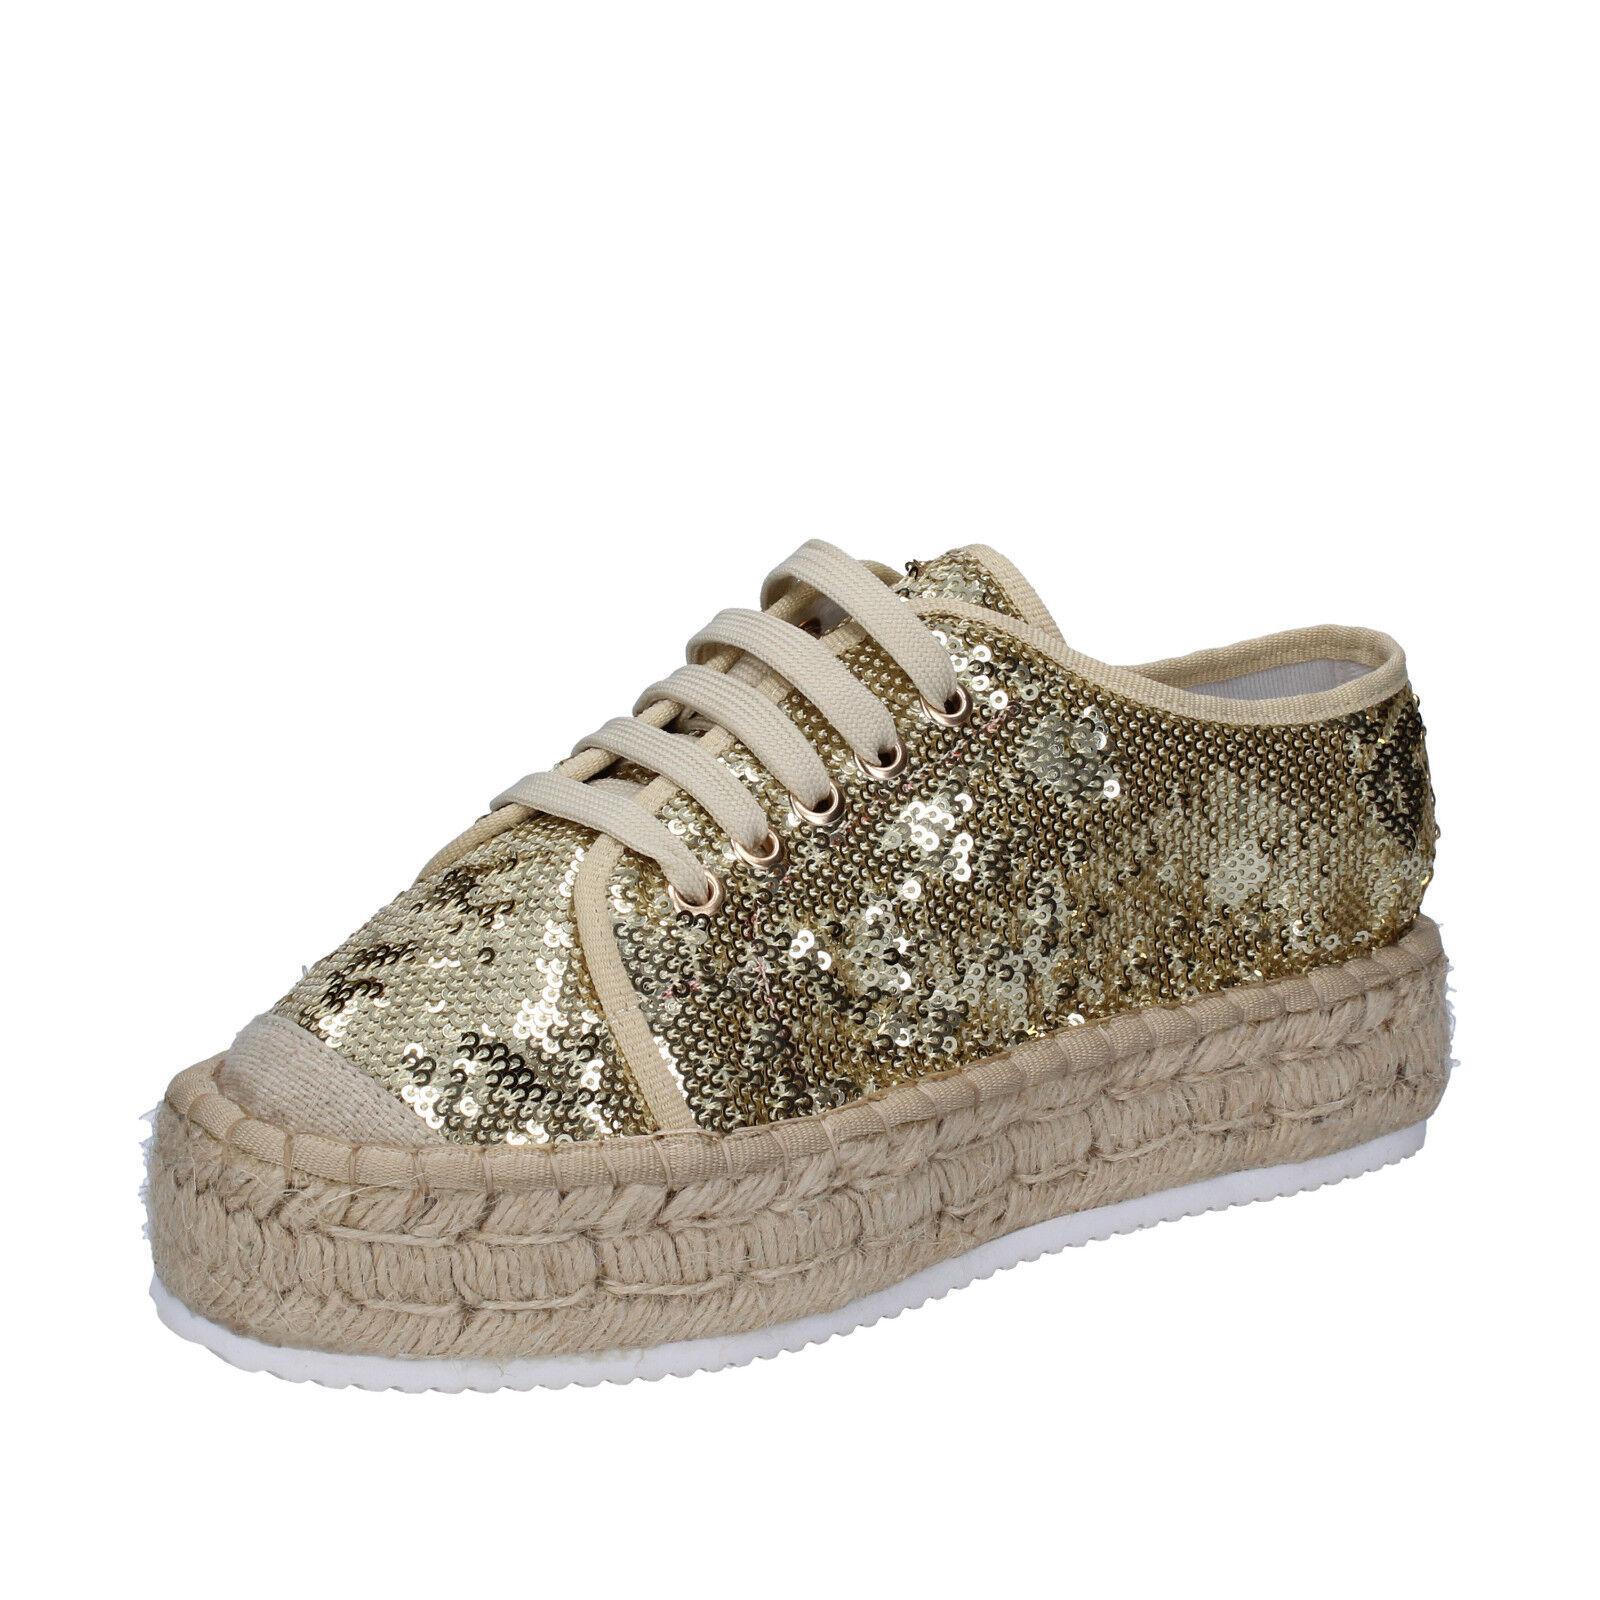 Zapatos señora francesco Milano 37 37 37 UE espadrillas platino pailettes bs77-37  suministramos lo mejor